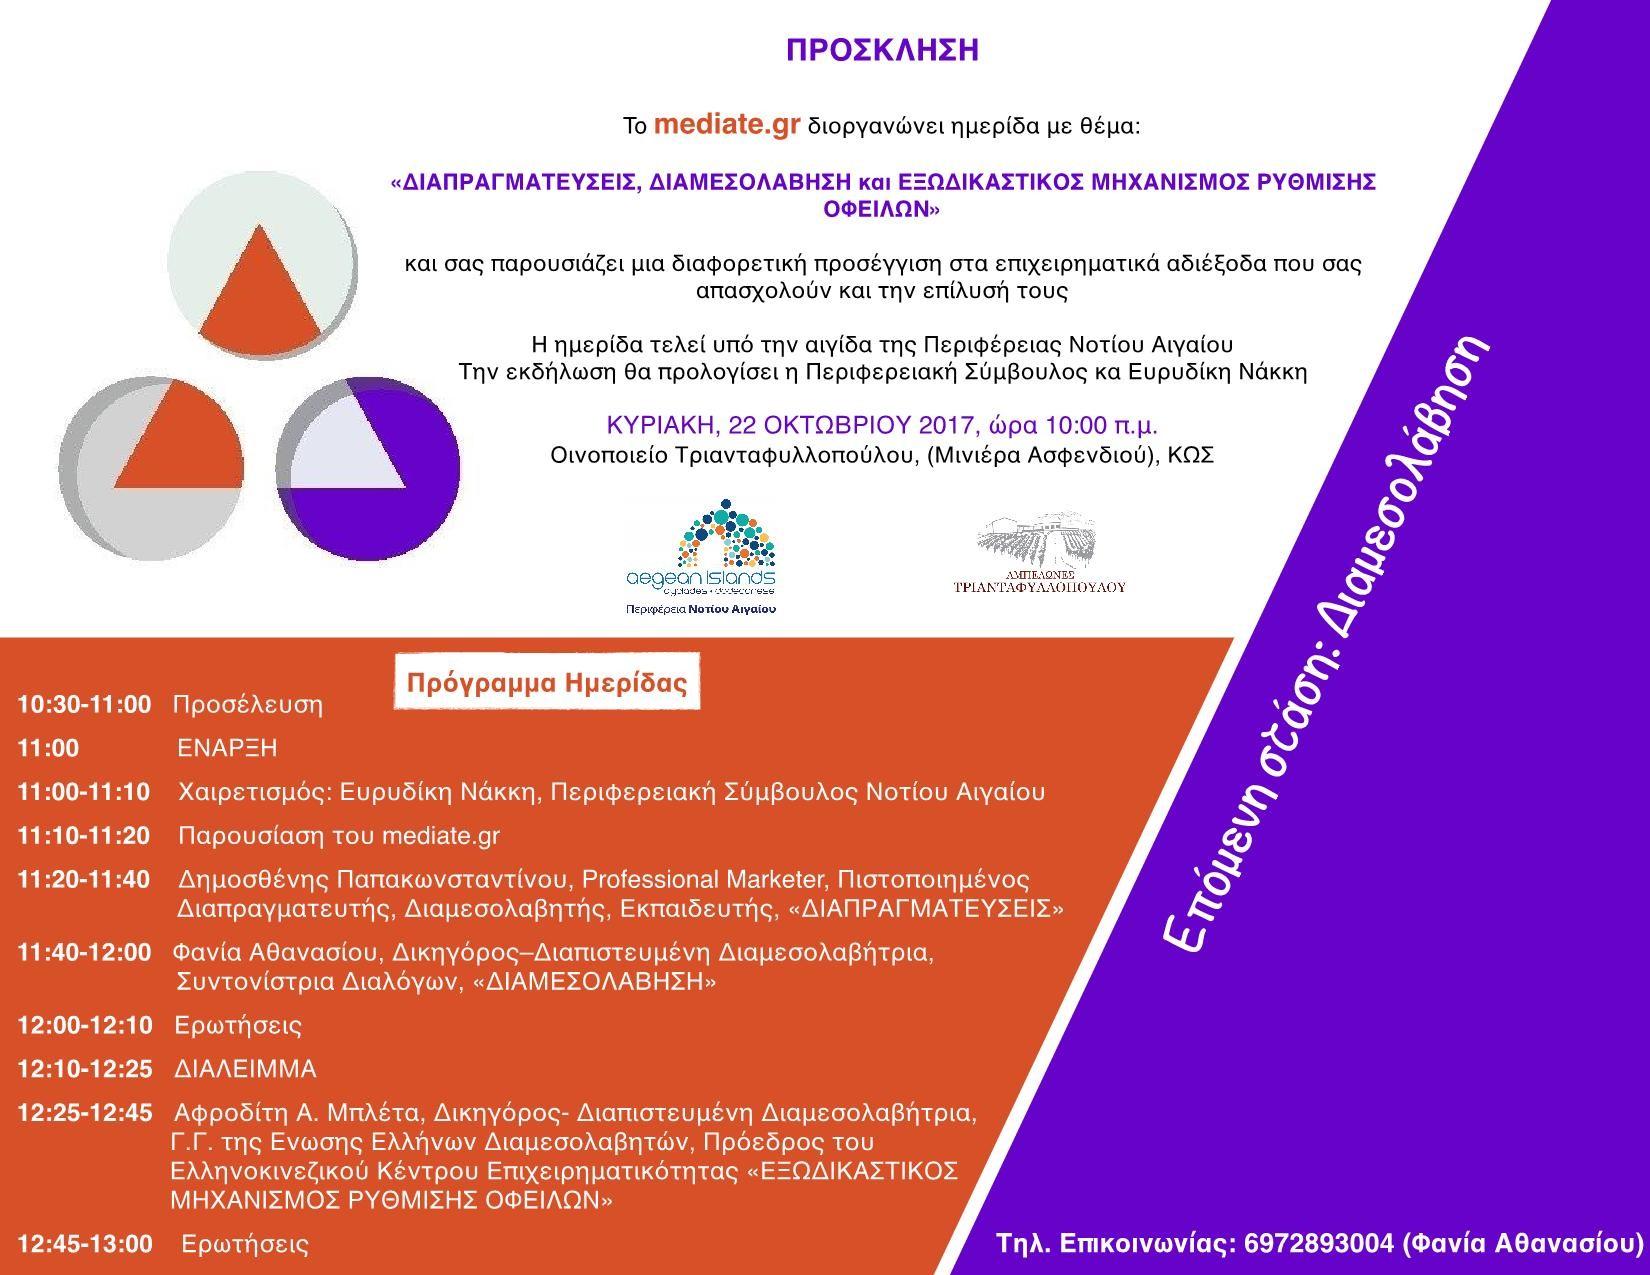 Ημερίδα Διαπρα/σεις-Διαμεσολάβηση- Εξωδικαστικός Μηχανισμός Ρύθμισης Οφειλών